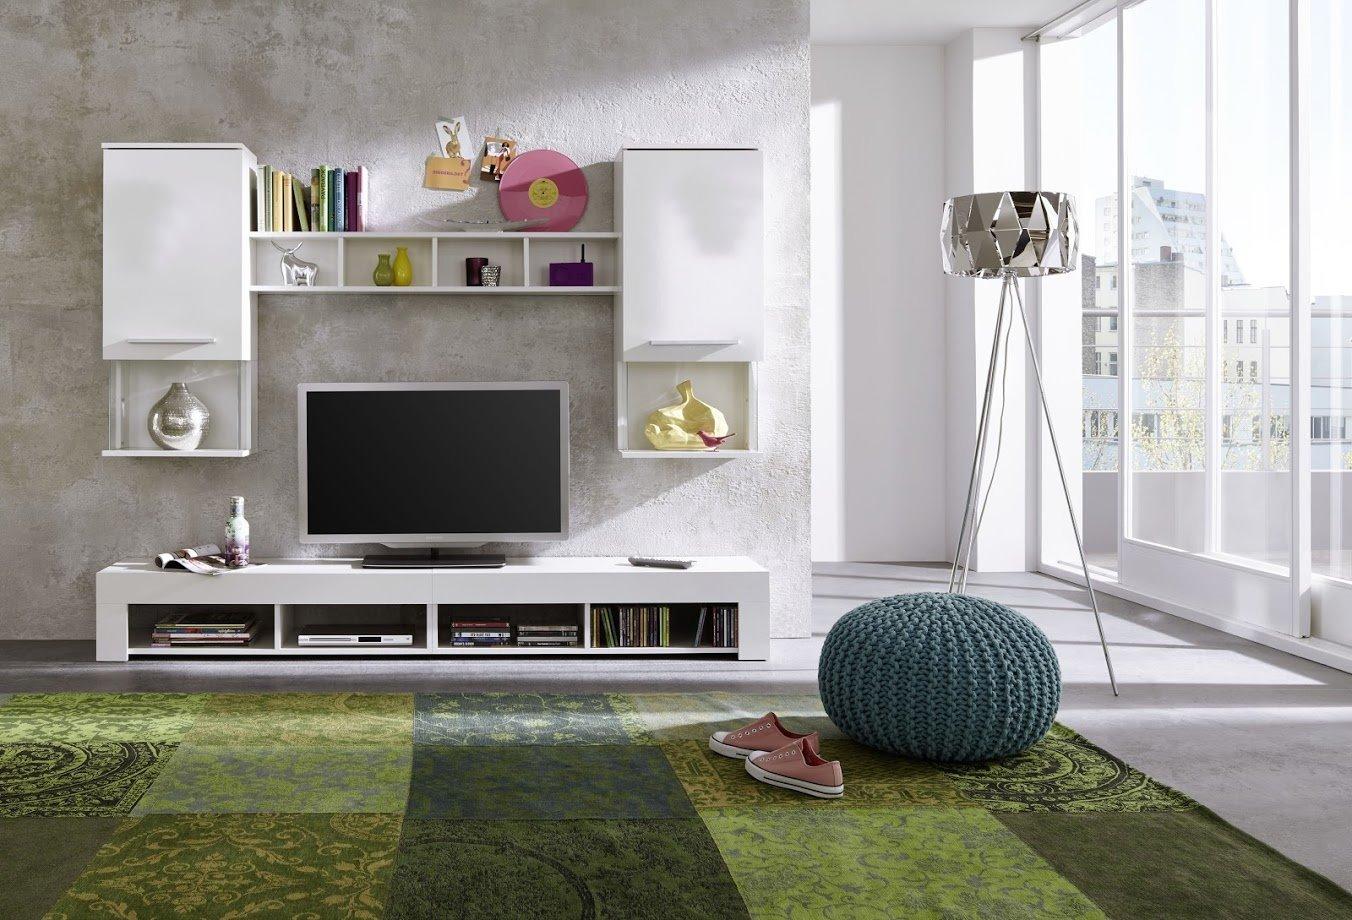 wohnwand anbauwand wohnzimmer tv schrank schrankwand. Black Bedroom Furniture Sets. Home Design Ideas